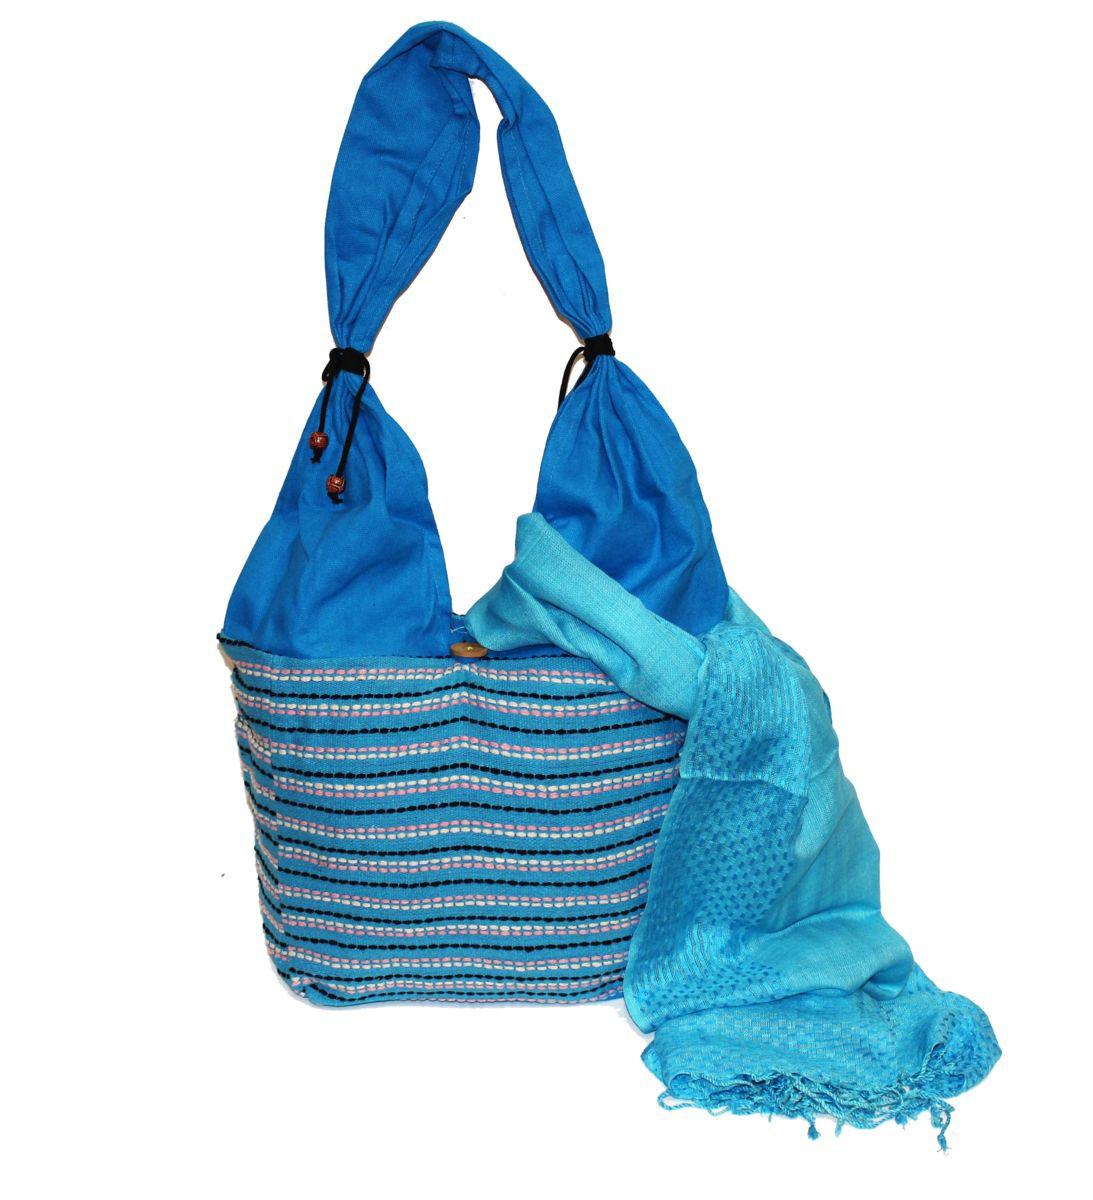 Ethnica Хлопковая сумка-торба, цвет: голубой, в полоску. 122150122150Пляжная женская сумка Ethnica выполнена из хлопковой ткани с декоративной ручной отделкой. Модель с одним отделением, застегивается на пуговицу.